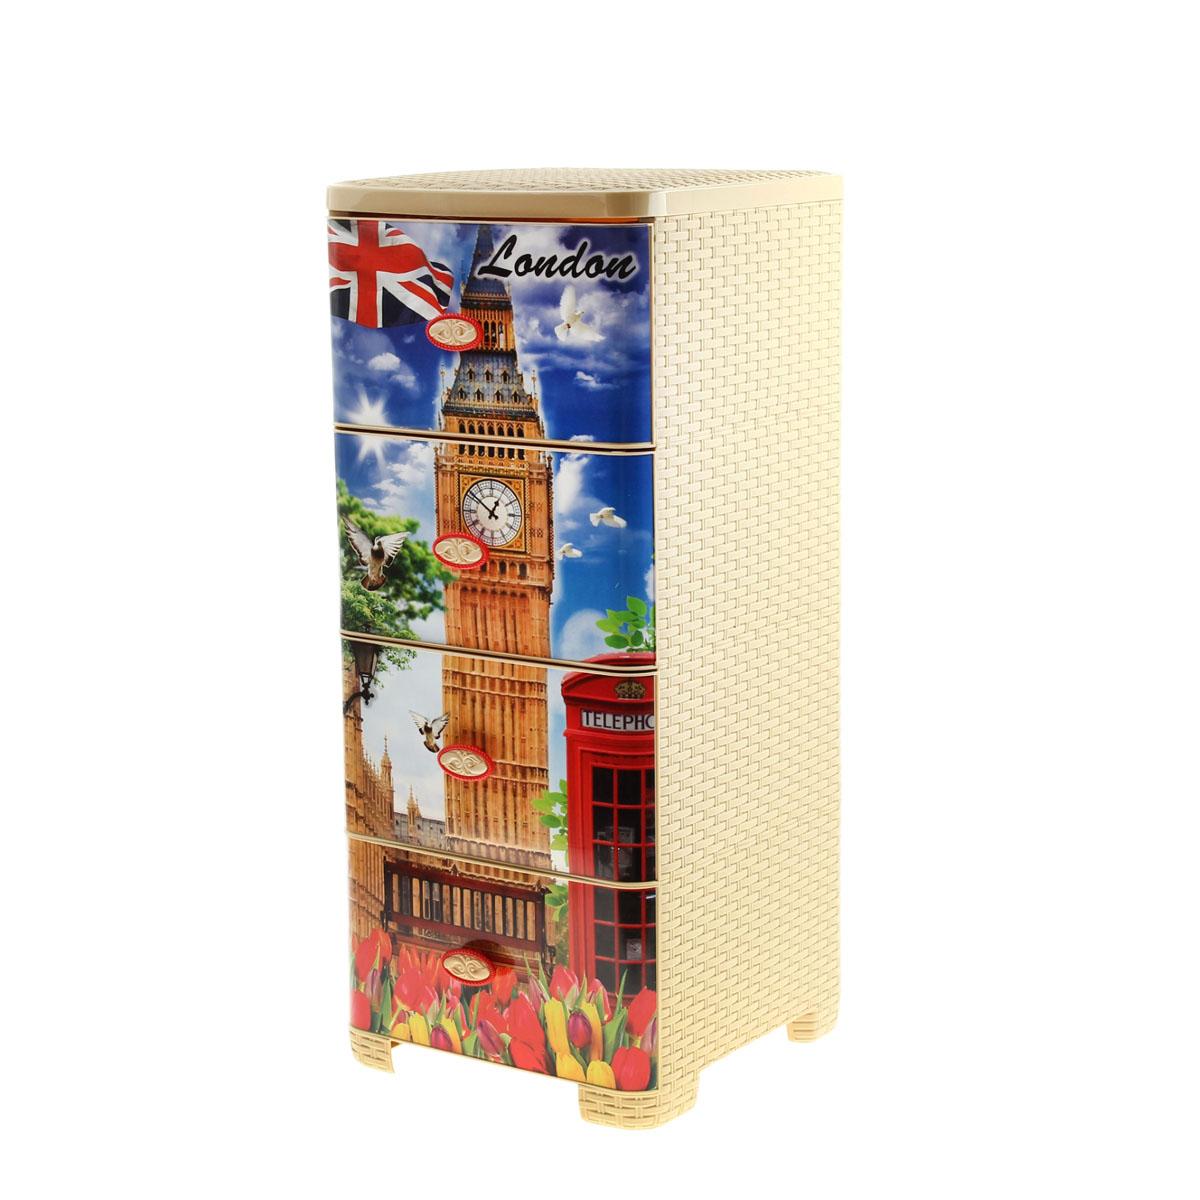 Комод плетеный Альтернатива Лондон, 60 см х 40 см х 60 см984575Комод Альтернатива Лондон изготовлен из высококачественного экологически безопасного полипропилена. Он предназначен для хранения вещей, детских игрушек, хозяйственных принадлежностей и прочих предметов. Комод состоит из четырех вместительных выдвижных ящиков с ручками и оснащен четырьмя ножками. Комод Альтернатива Лондон надежно защитит ваши вещи от загрязнений, пыли и моли, а также позволит вам хранить их компактно и с удобством. Размер ящика: 37 см х 30 см х 17 см.